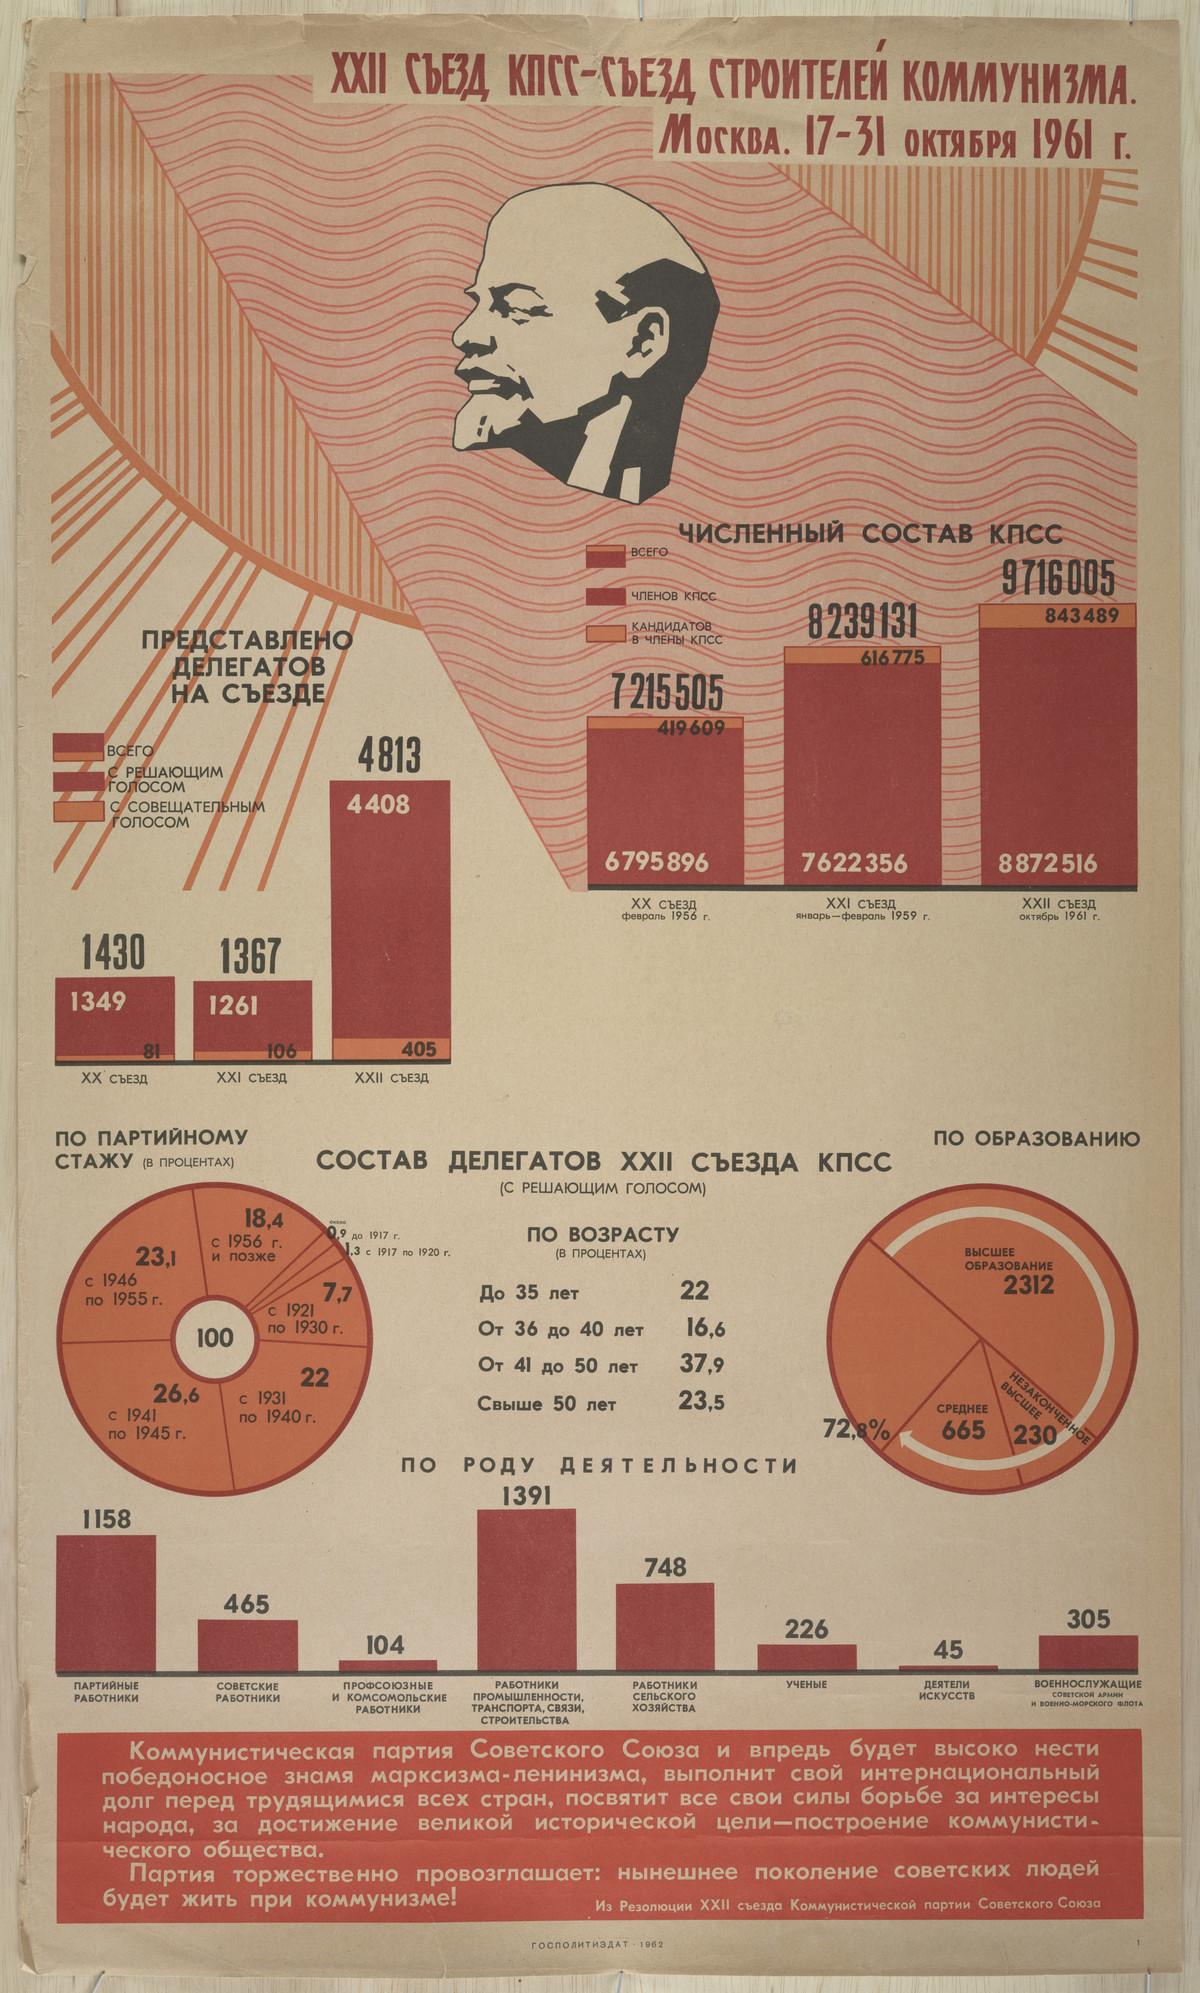 sovetskie-kommunisticheskie-plakaty_30